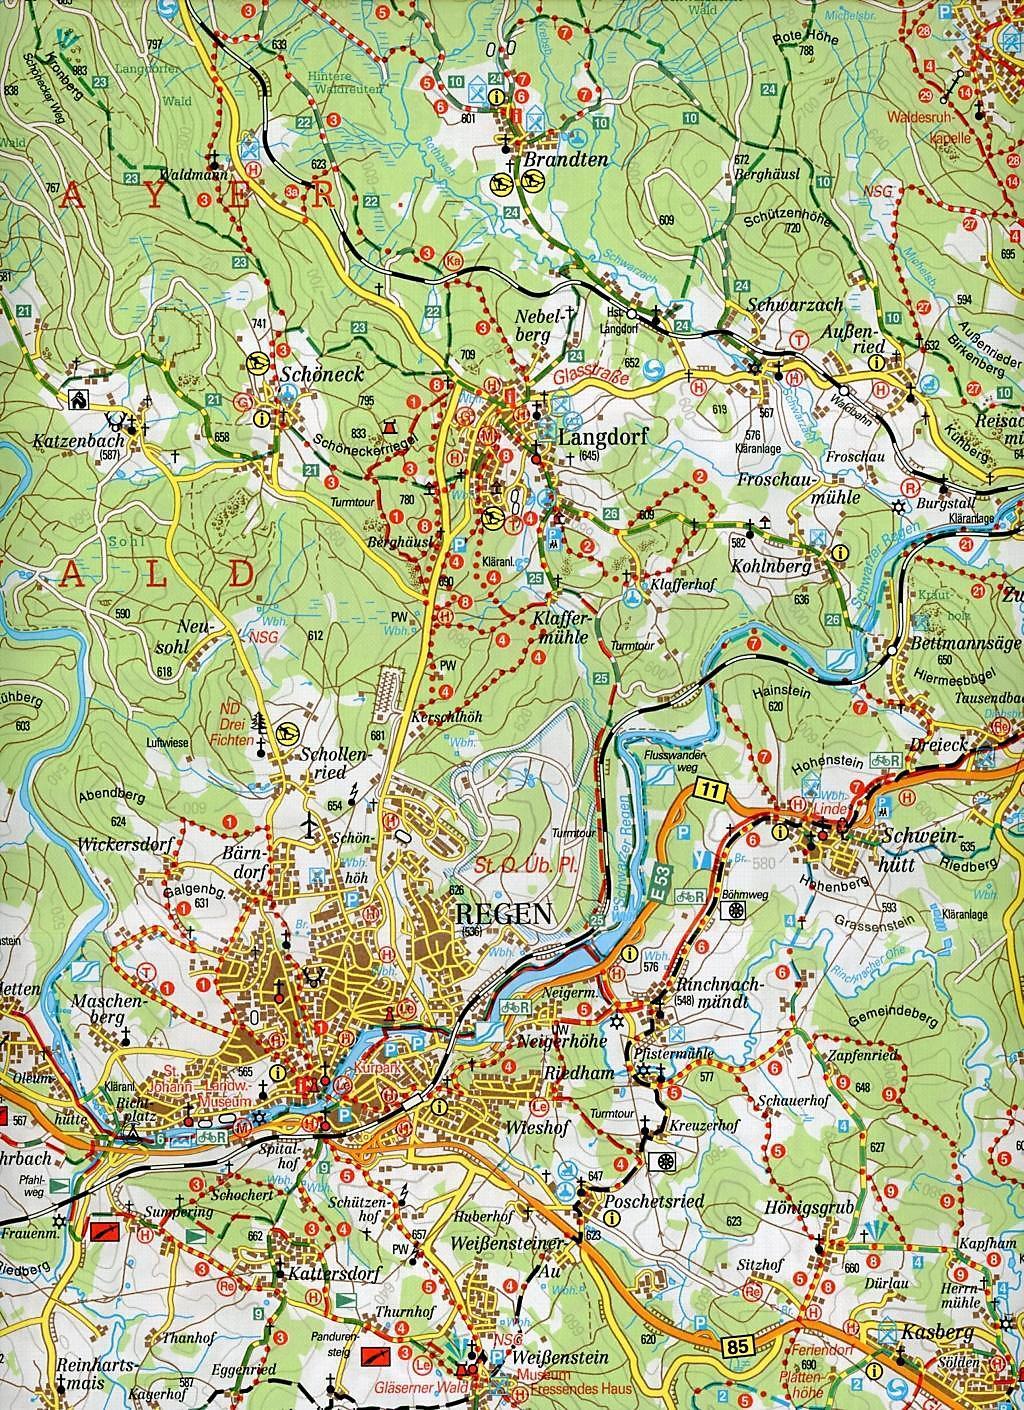 Nationalpark Bayerischer Wald Karte.Fritsch Karte Nationalpark Bayerischer Wald Nördlicher Teil